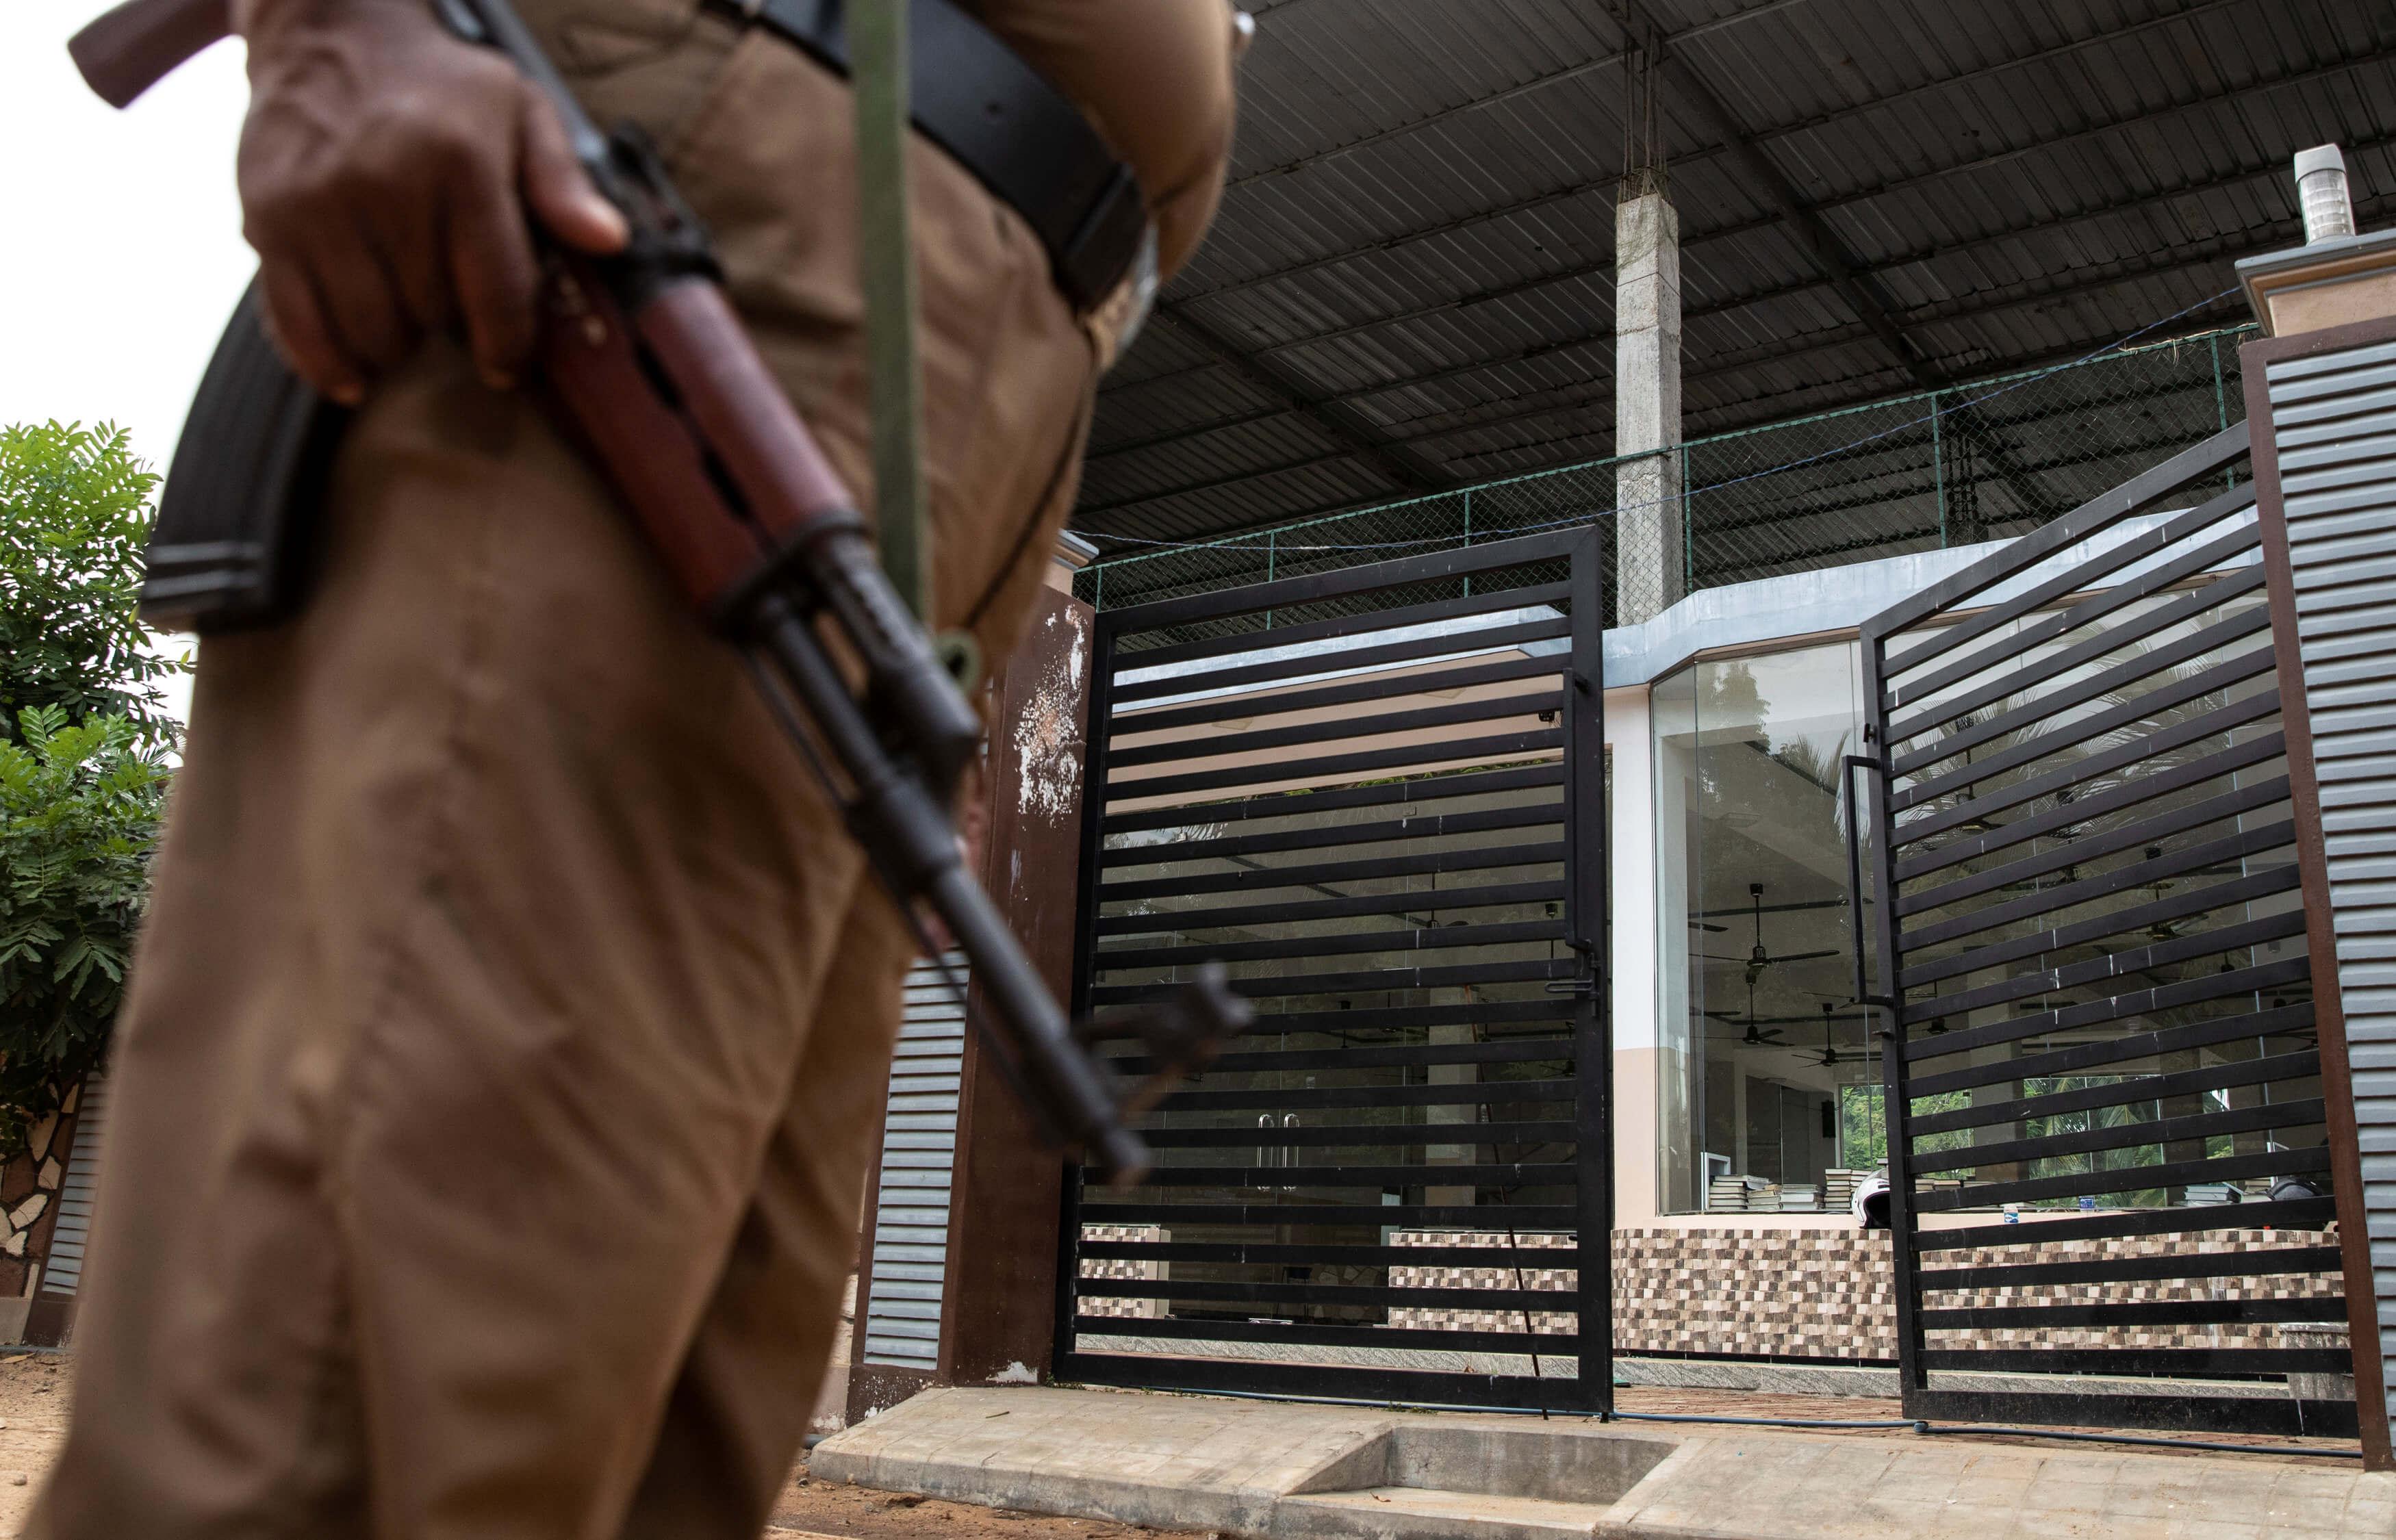 Ο τρόμος «βασιλεύει» στη Σρι Λάνκα – Δεν αποκλείουν νέες επιθέσεις οι αρχές